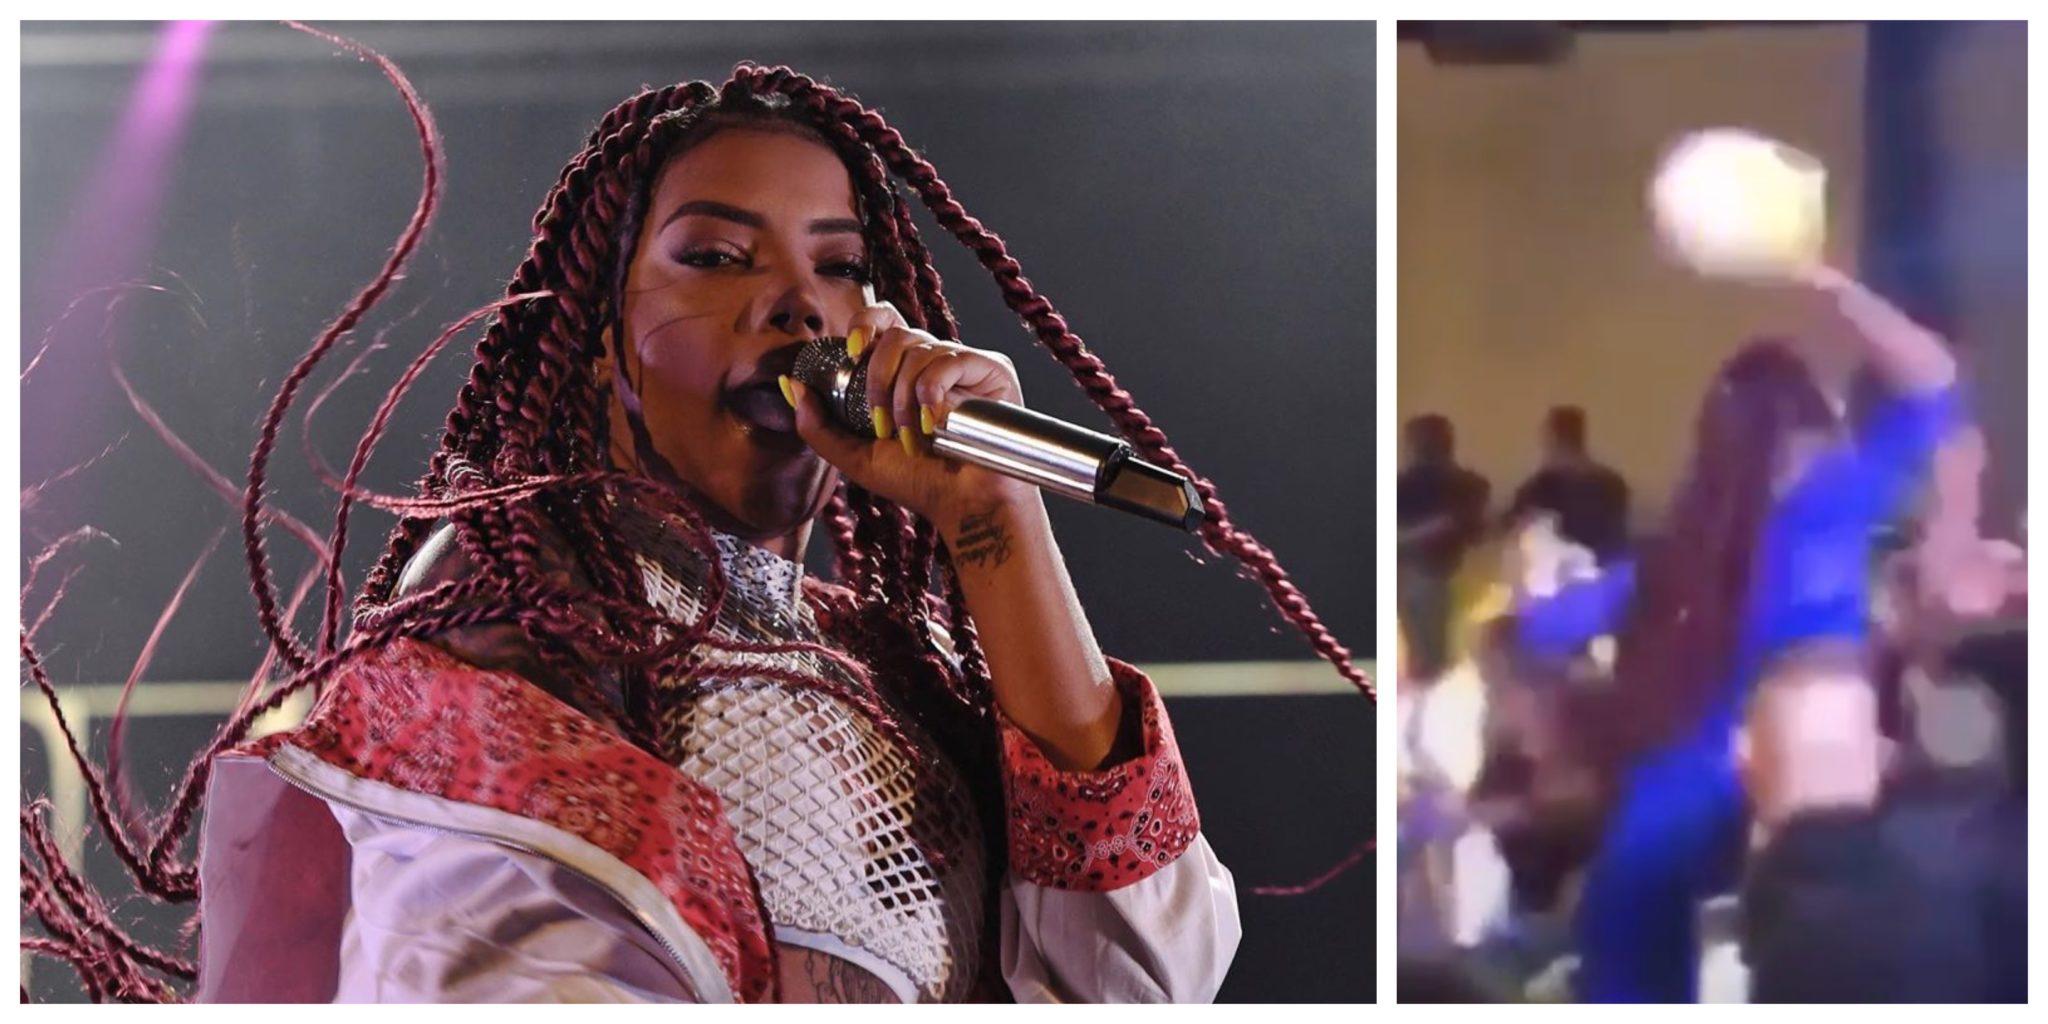 Ludmilla Ludmilla 'Atacada' Por Fã Durante Concerto Em Portugal